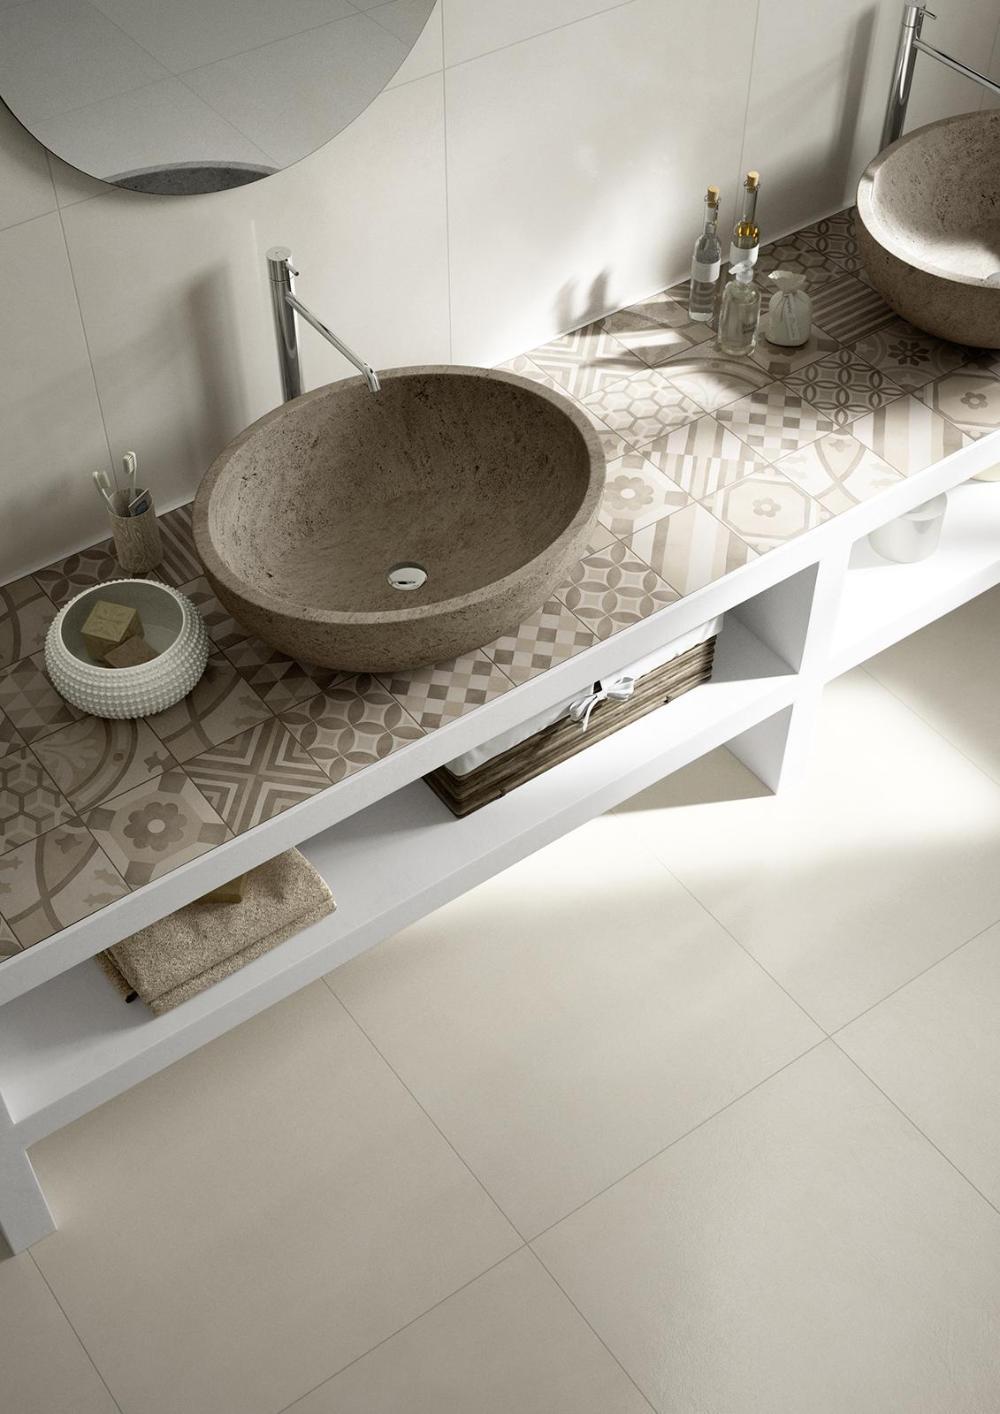 Pin Von Gabriel Buchmann Auf Hausumbau In 2020 Badezimmerboden Badezimmer Innenausstattung Arbeitsflachen